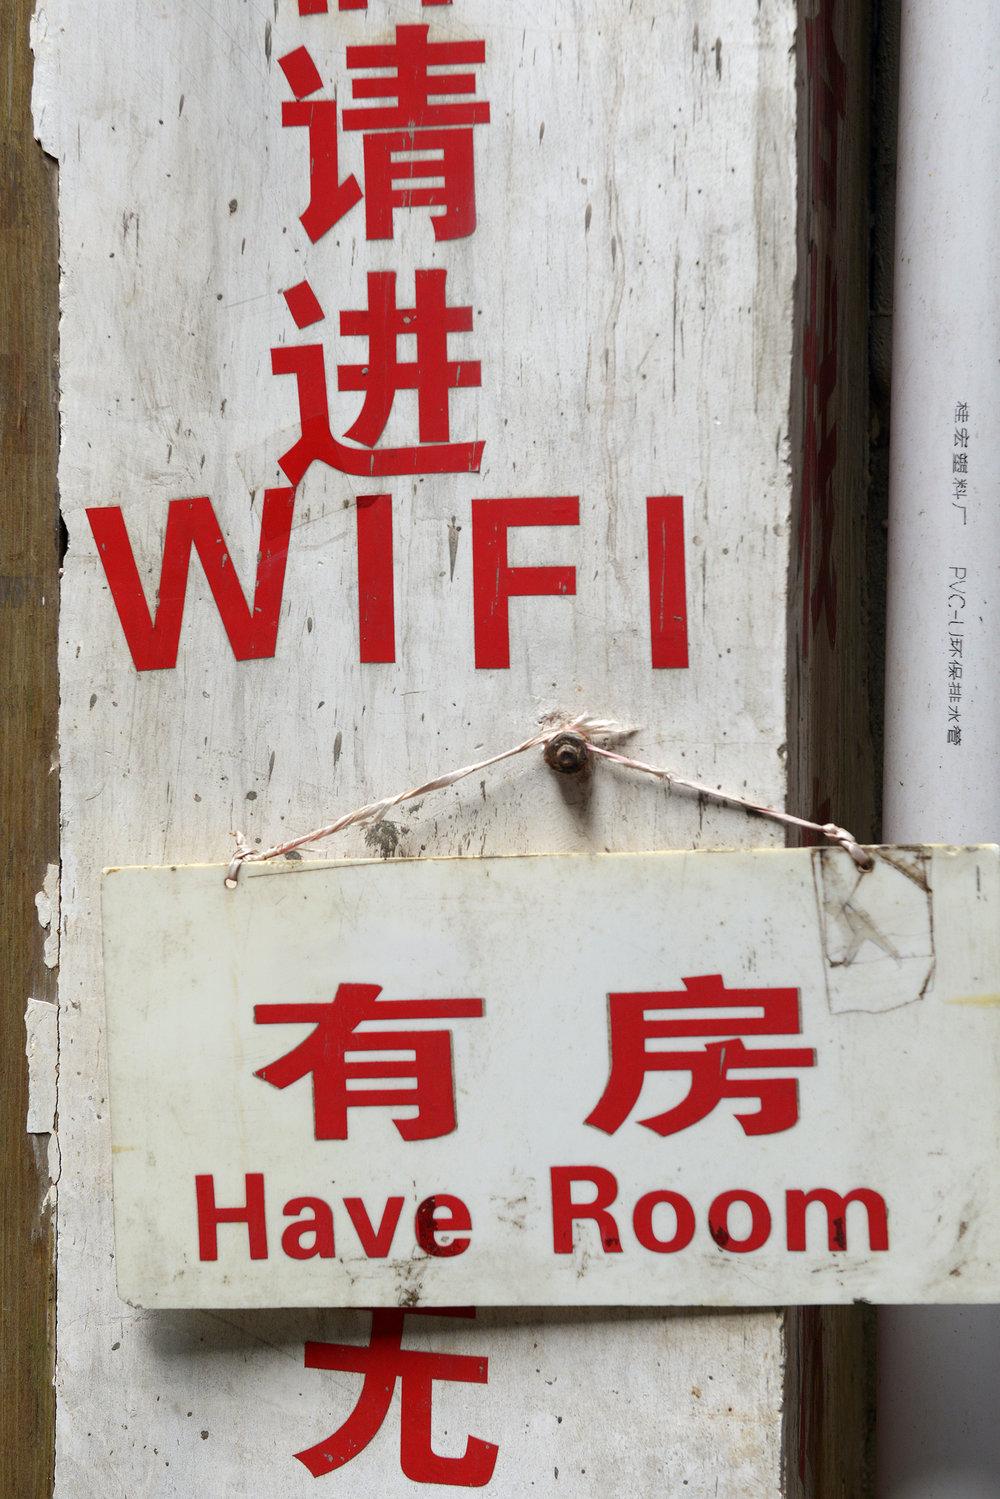 Wifi, kirjoitusmerkit, Kiina